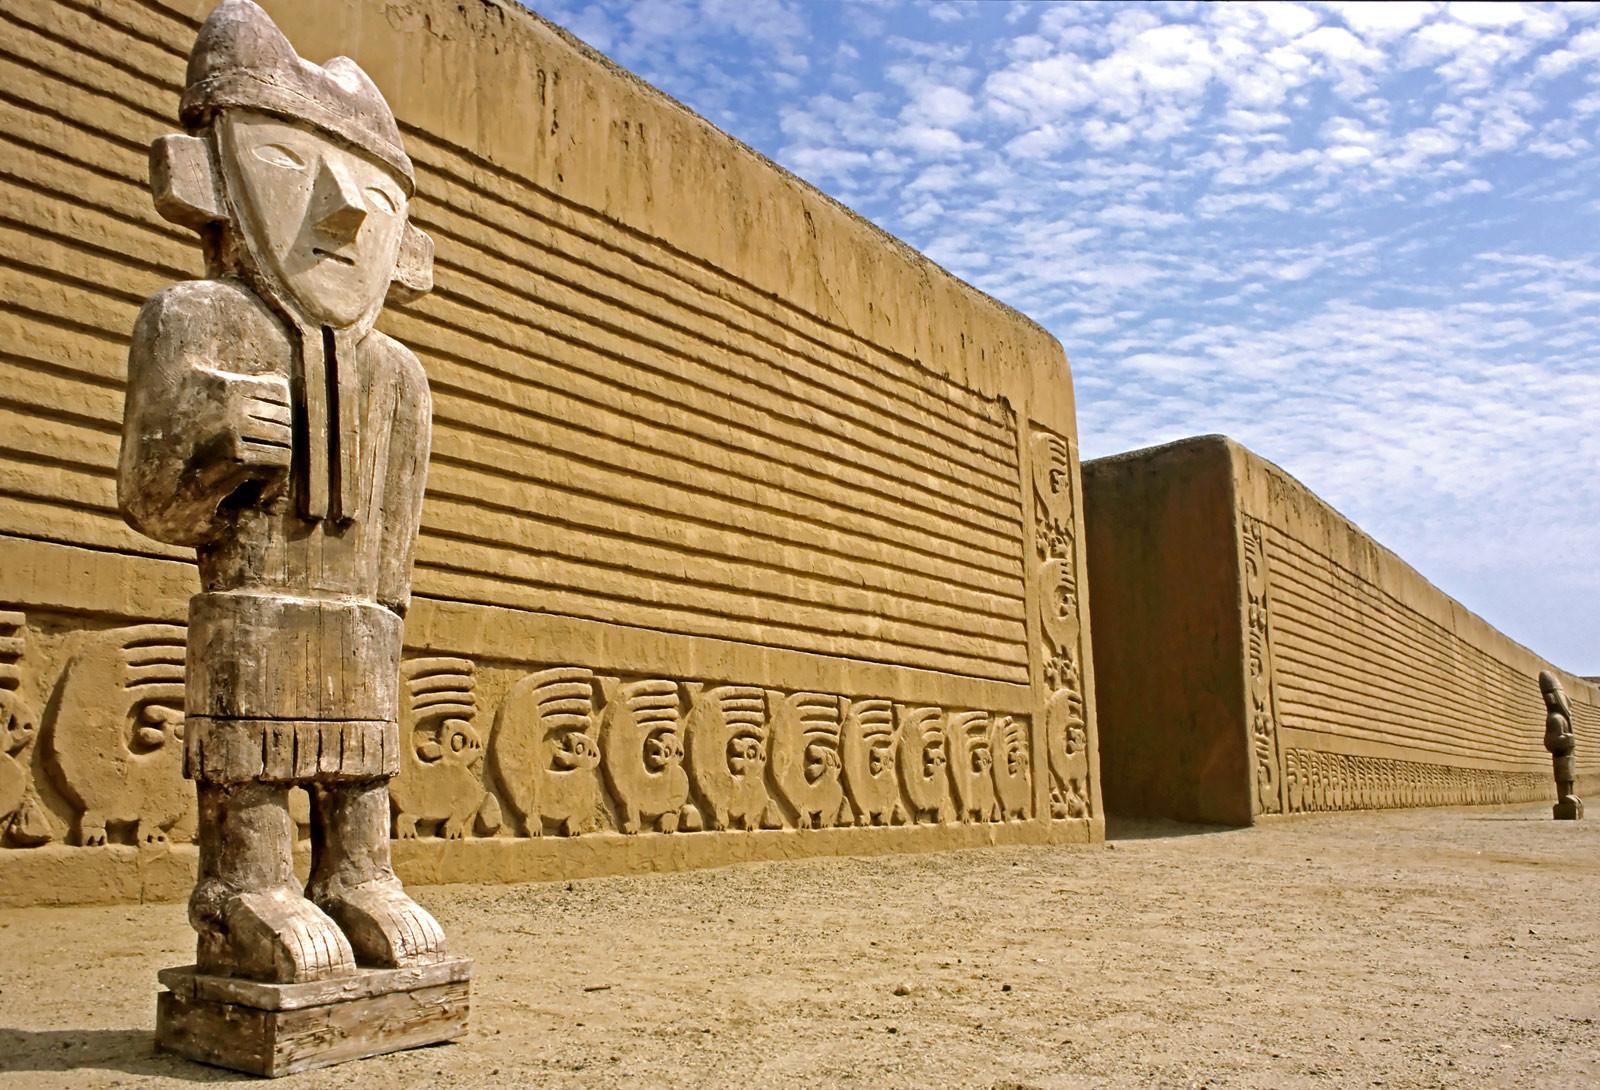 Chan Chan La Ciudad De Barro Más Grande Del Mundo Queda En Perú Blog Erasmus Trujillo Perú